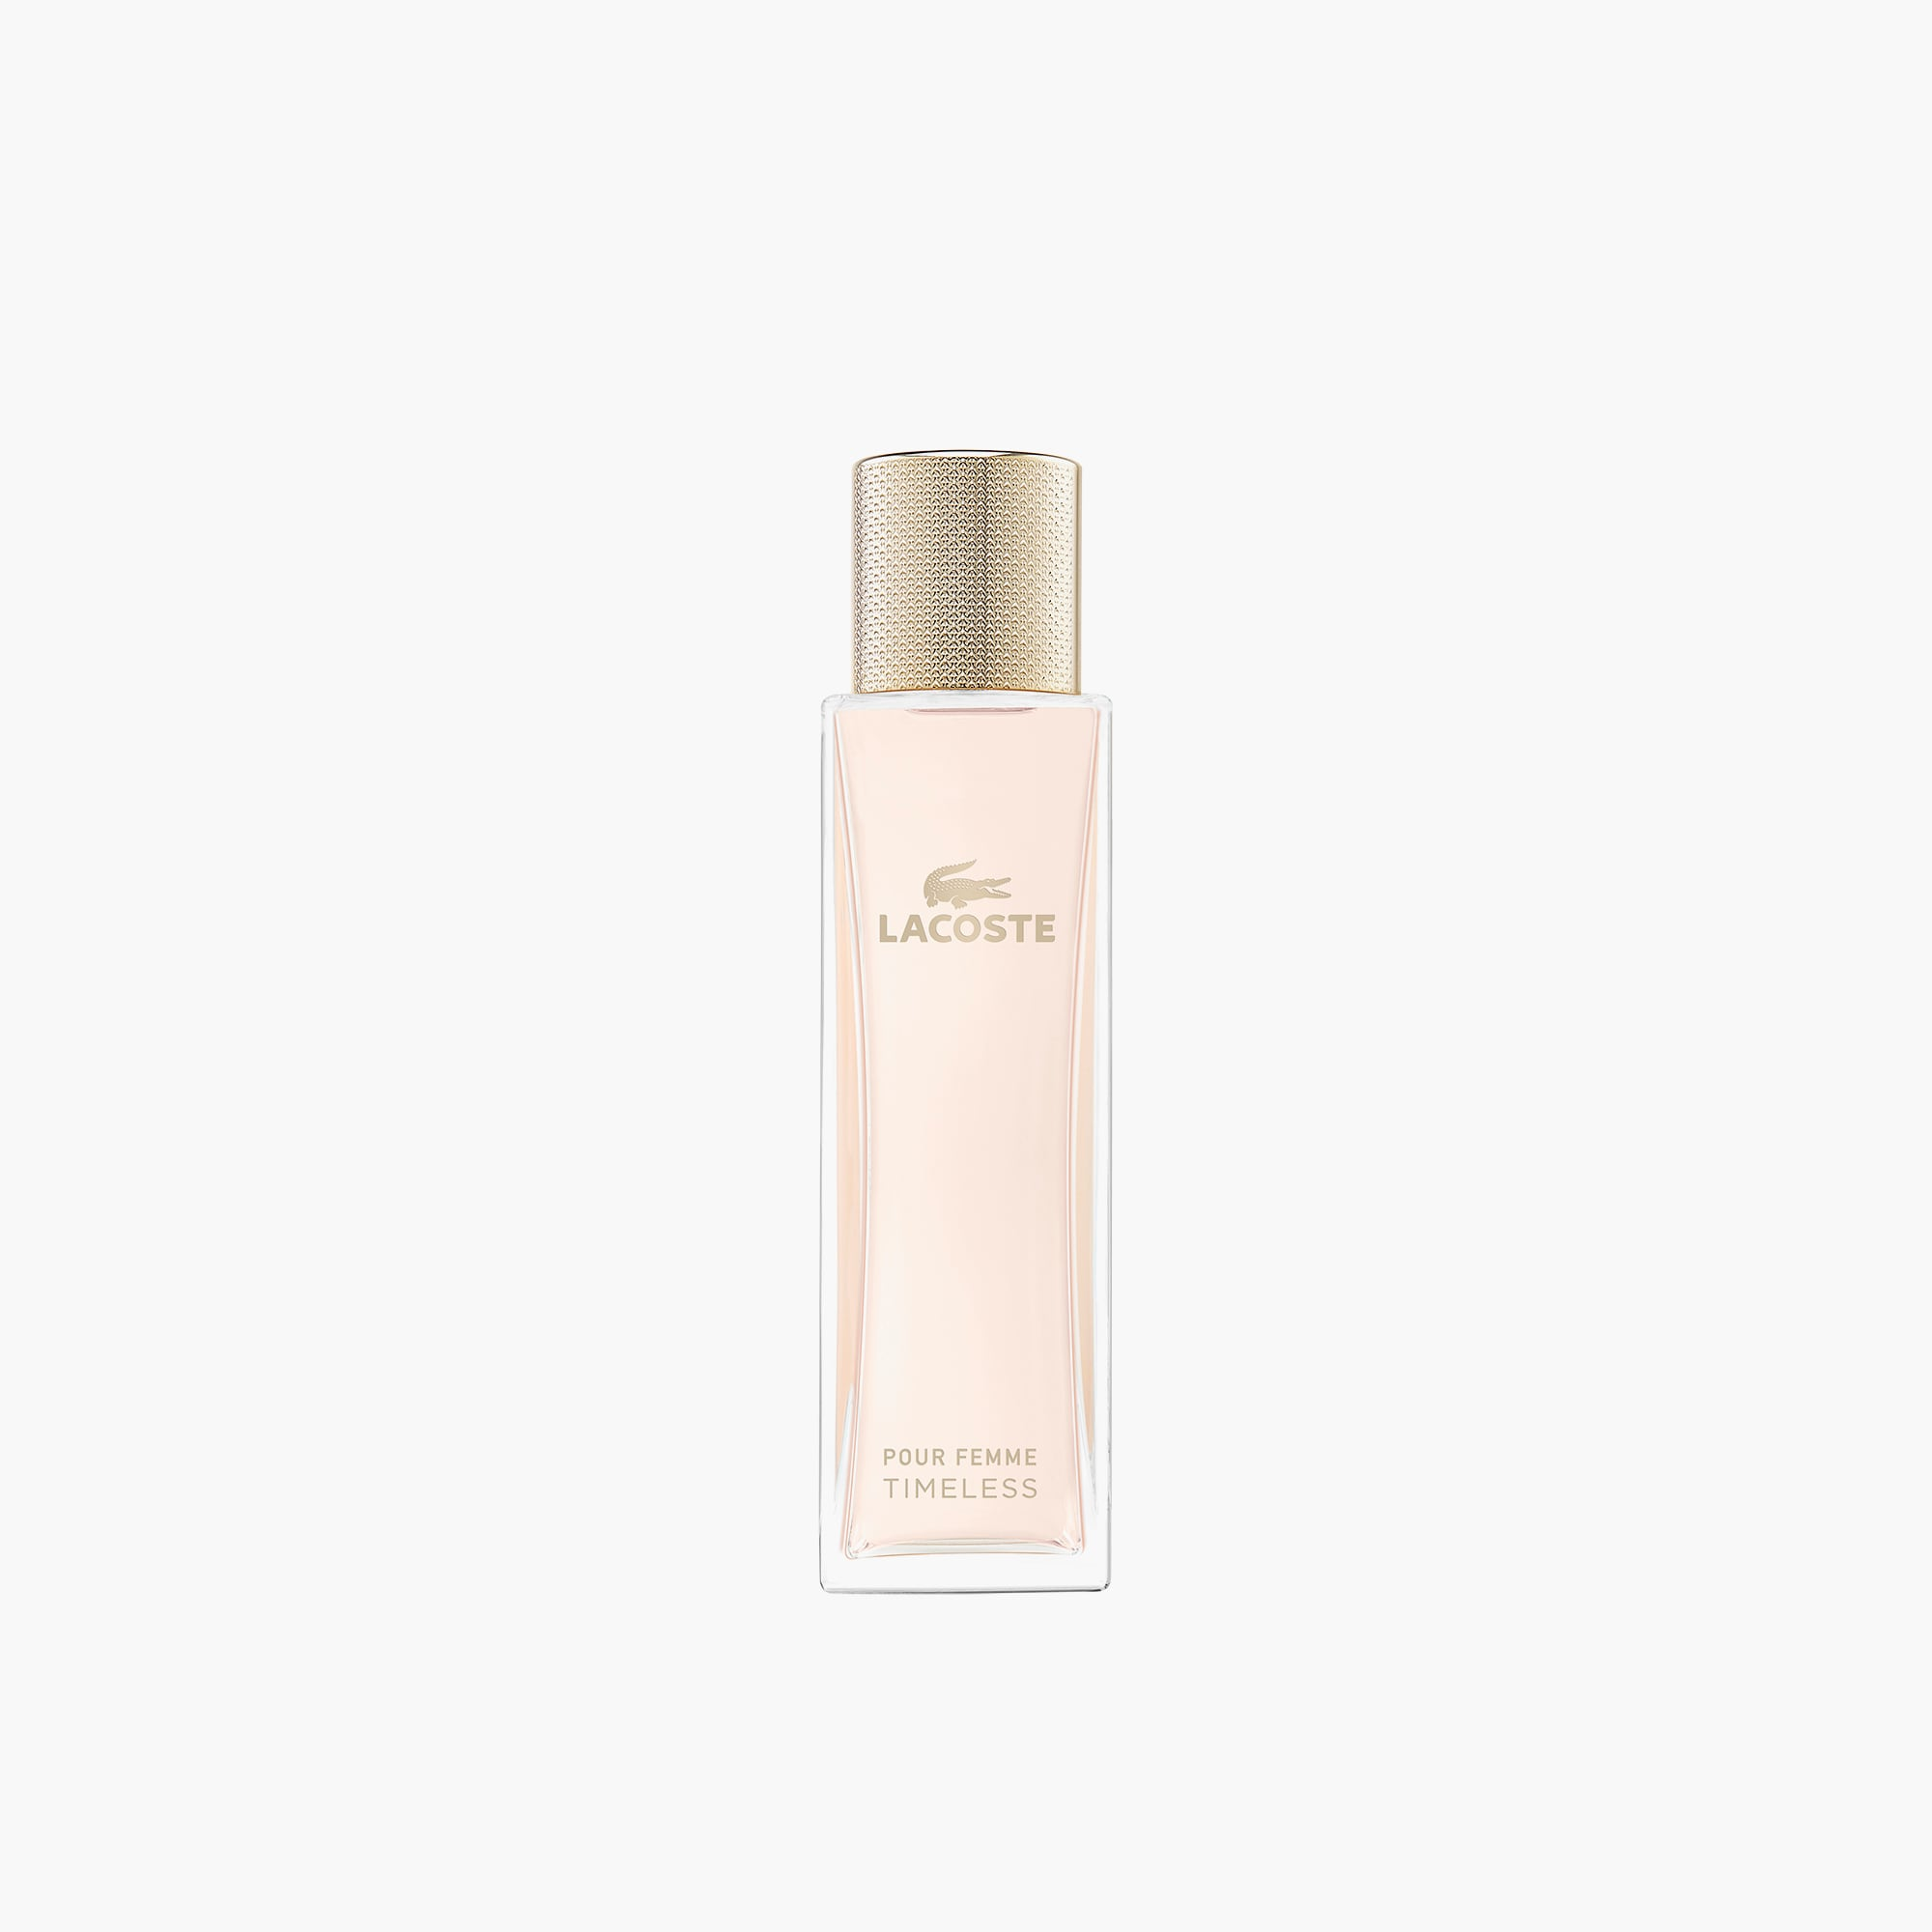 Lacoste Toilette De Et Eau Parfums Femme Pour 3Rj4qL5A